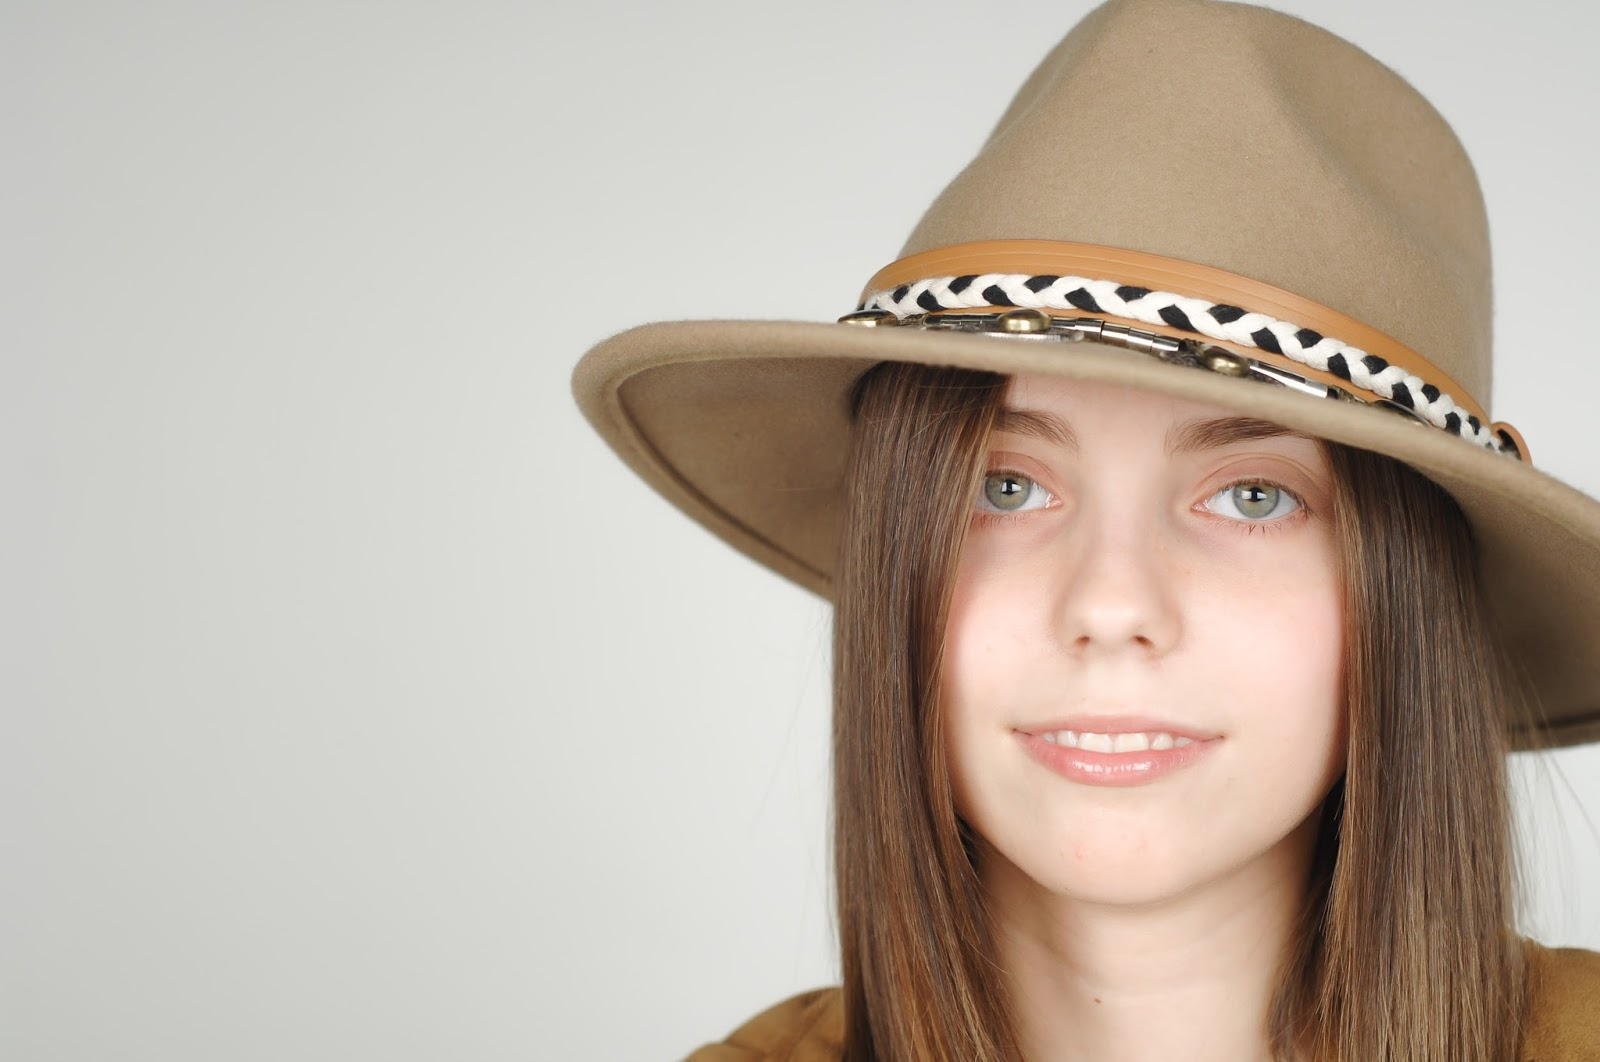 sombrero estilo indiana, sombrero panameño, accesorios zara.